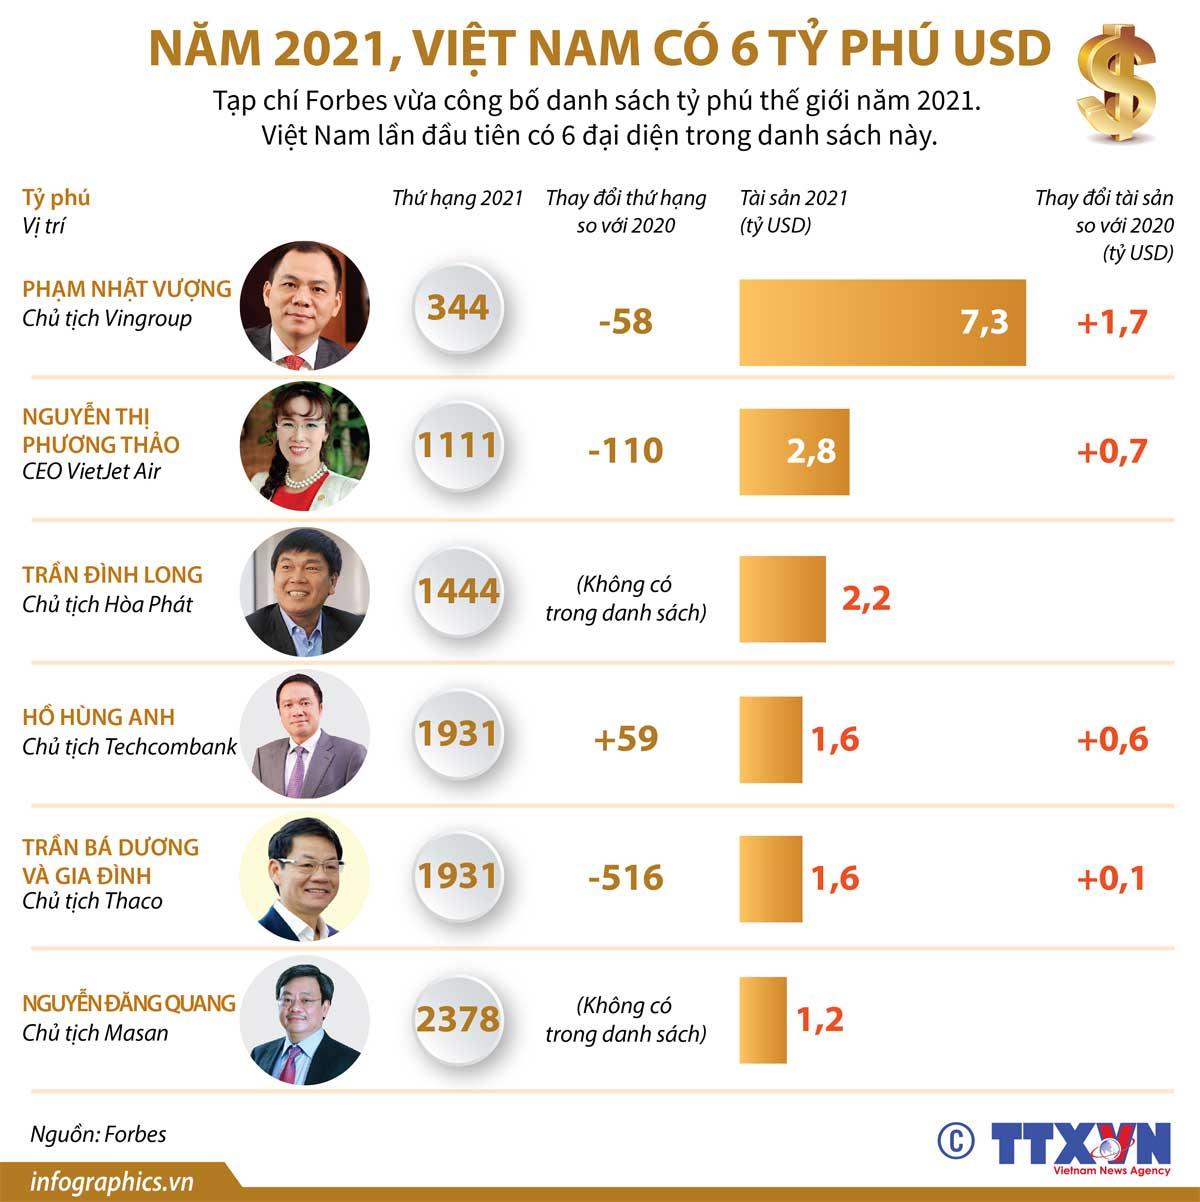 Năm 2021, Việt Nam, 6 tỷ phú USD